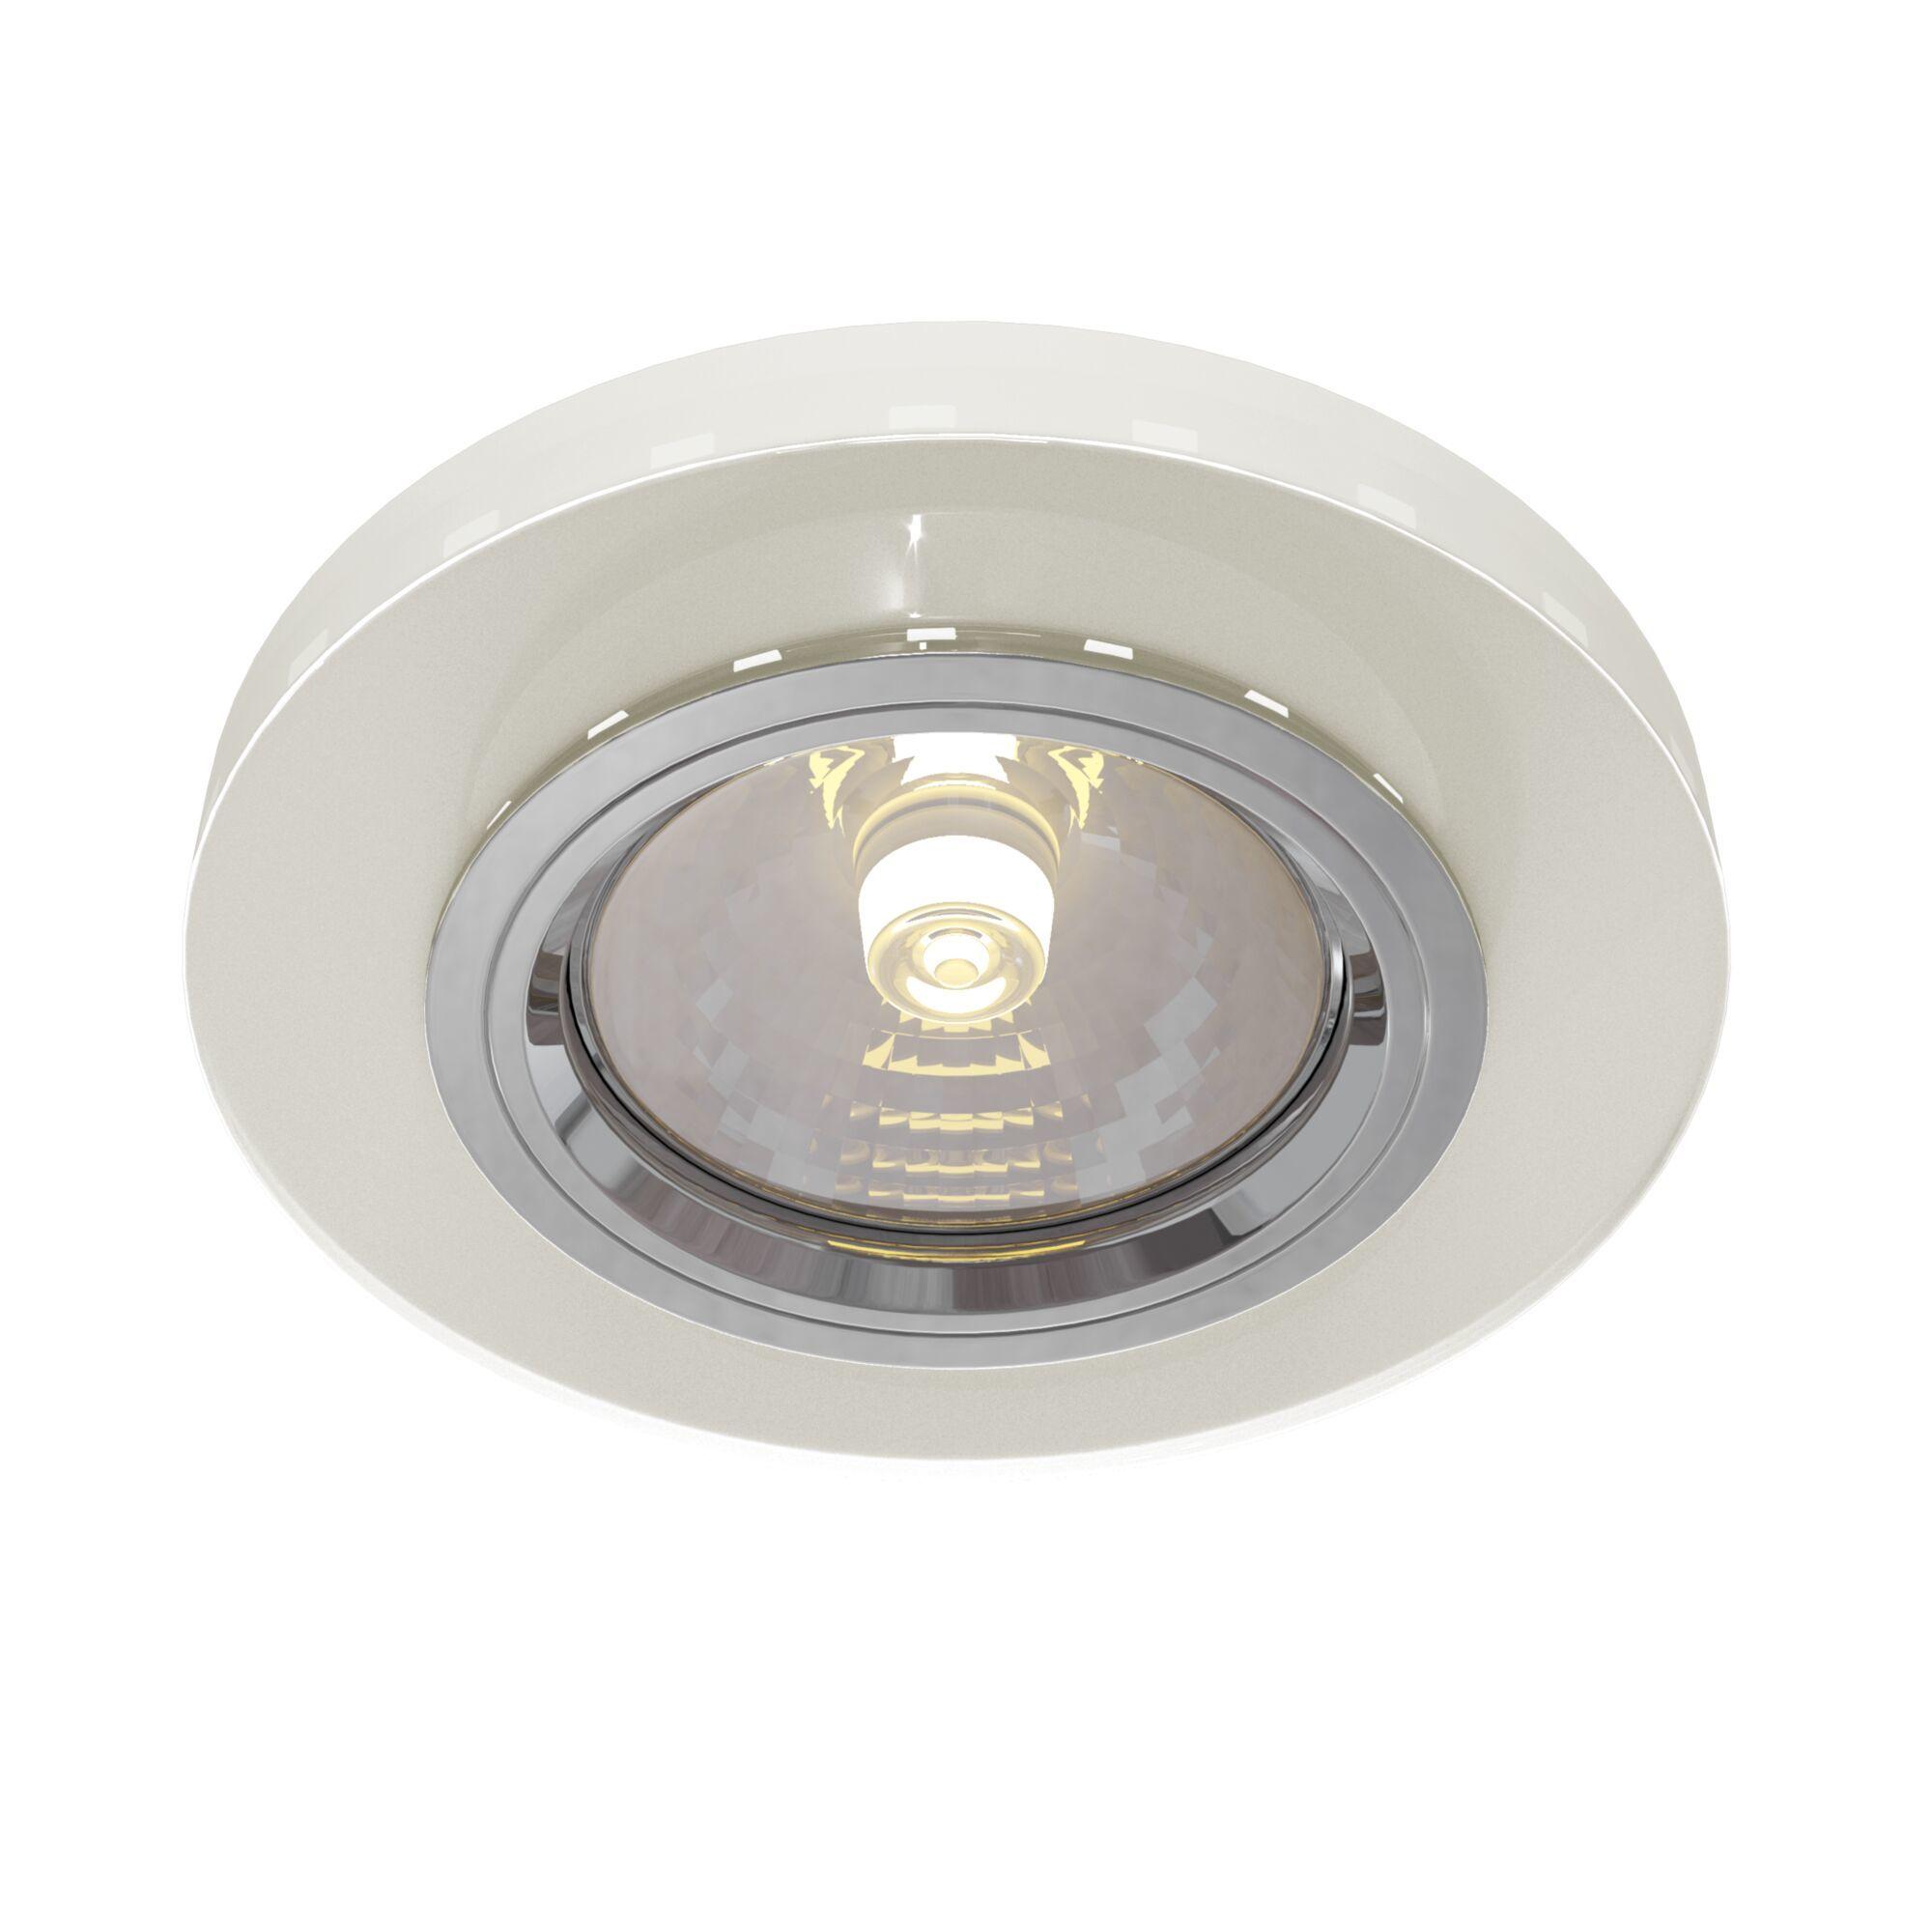 Встраиваемый светильник Maytoni Metal Modern DL291-2-3W-W, 1xGU10x50W, белый, стекло - фото 1